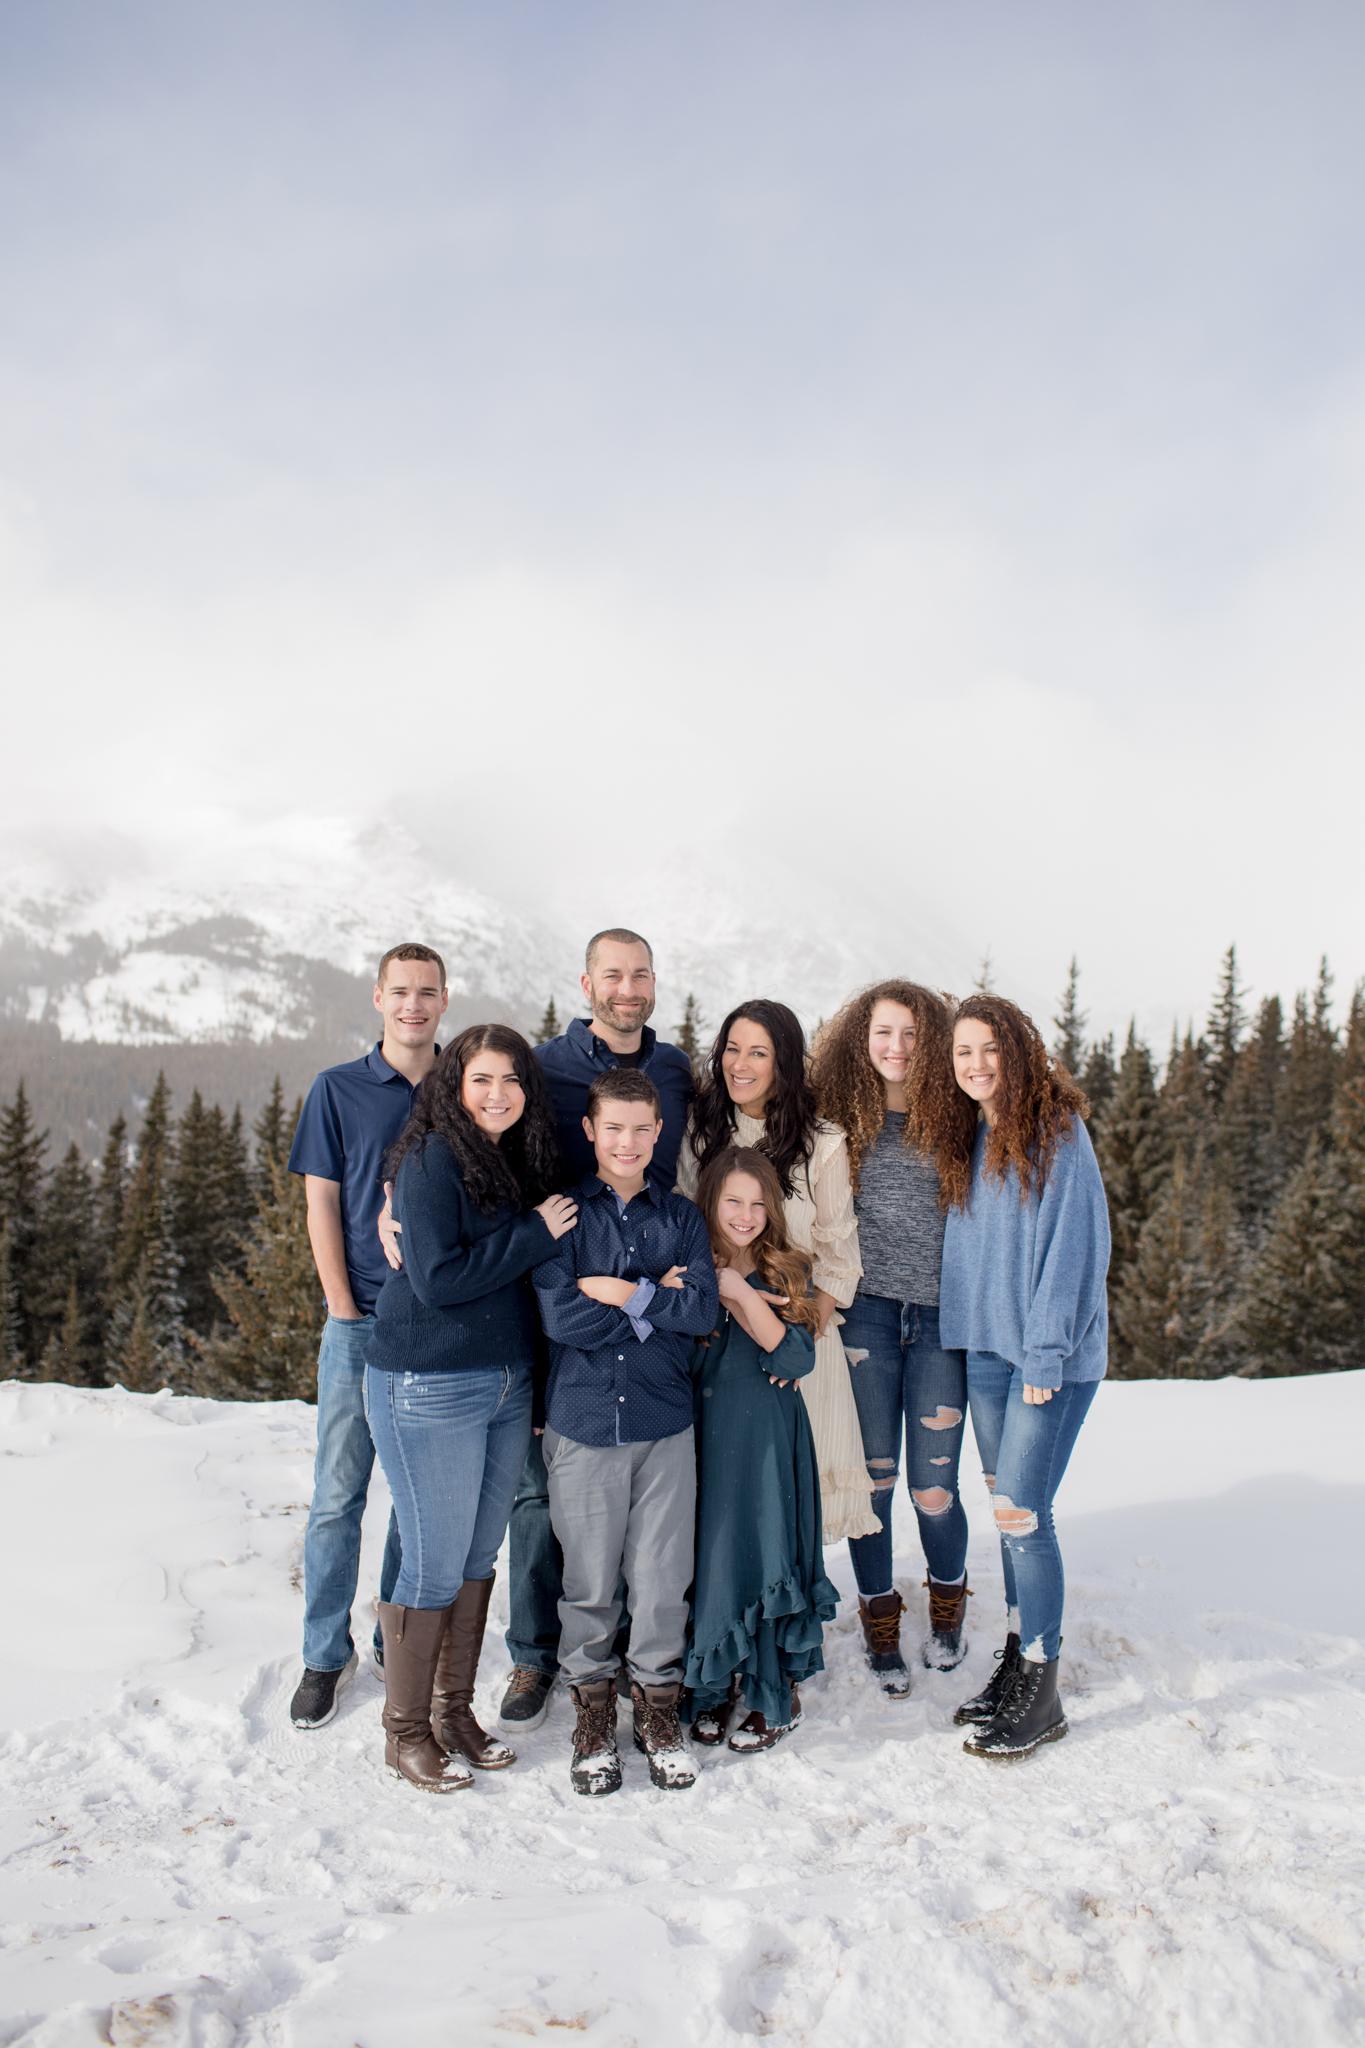 Brandes Family Breckenridge, Colorado